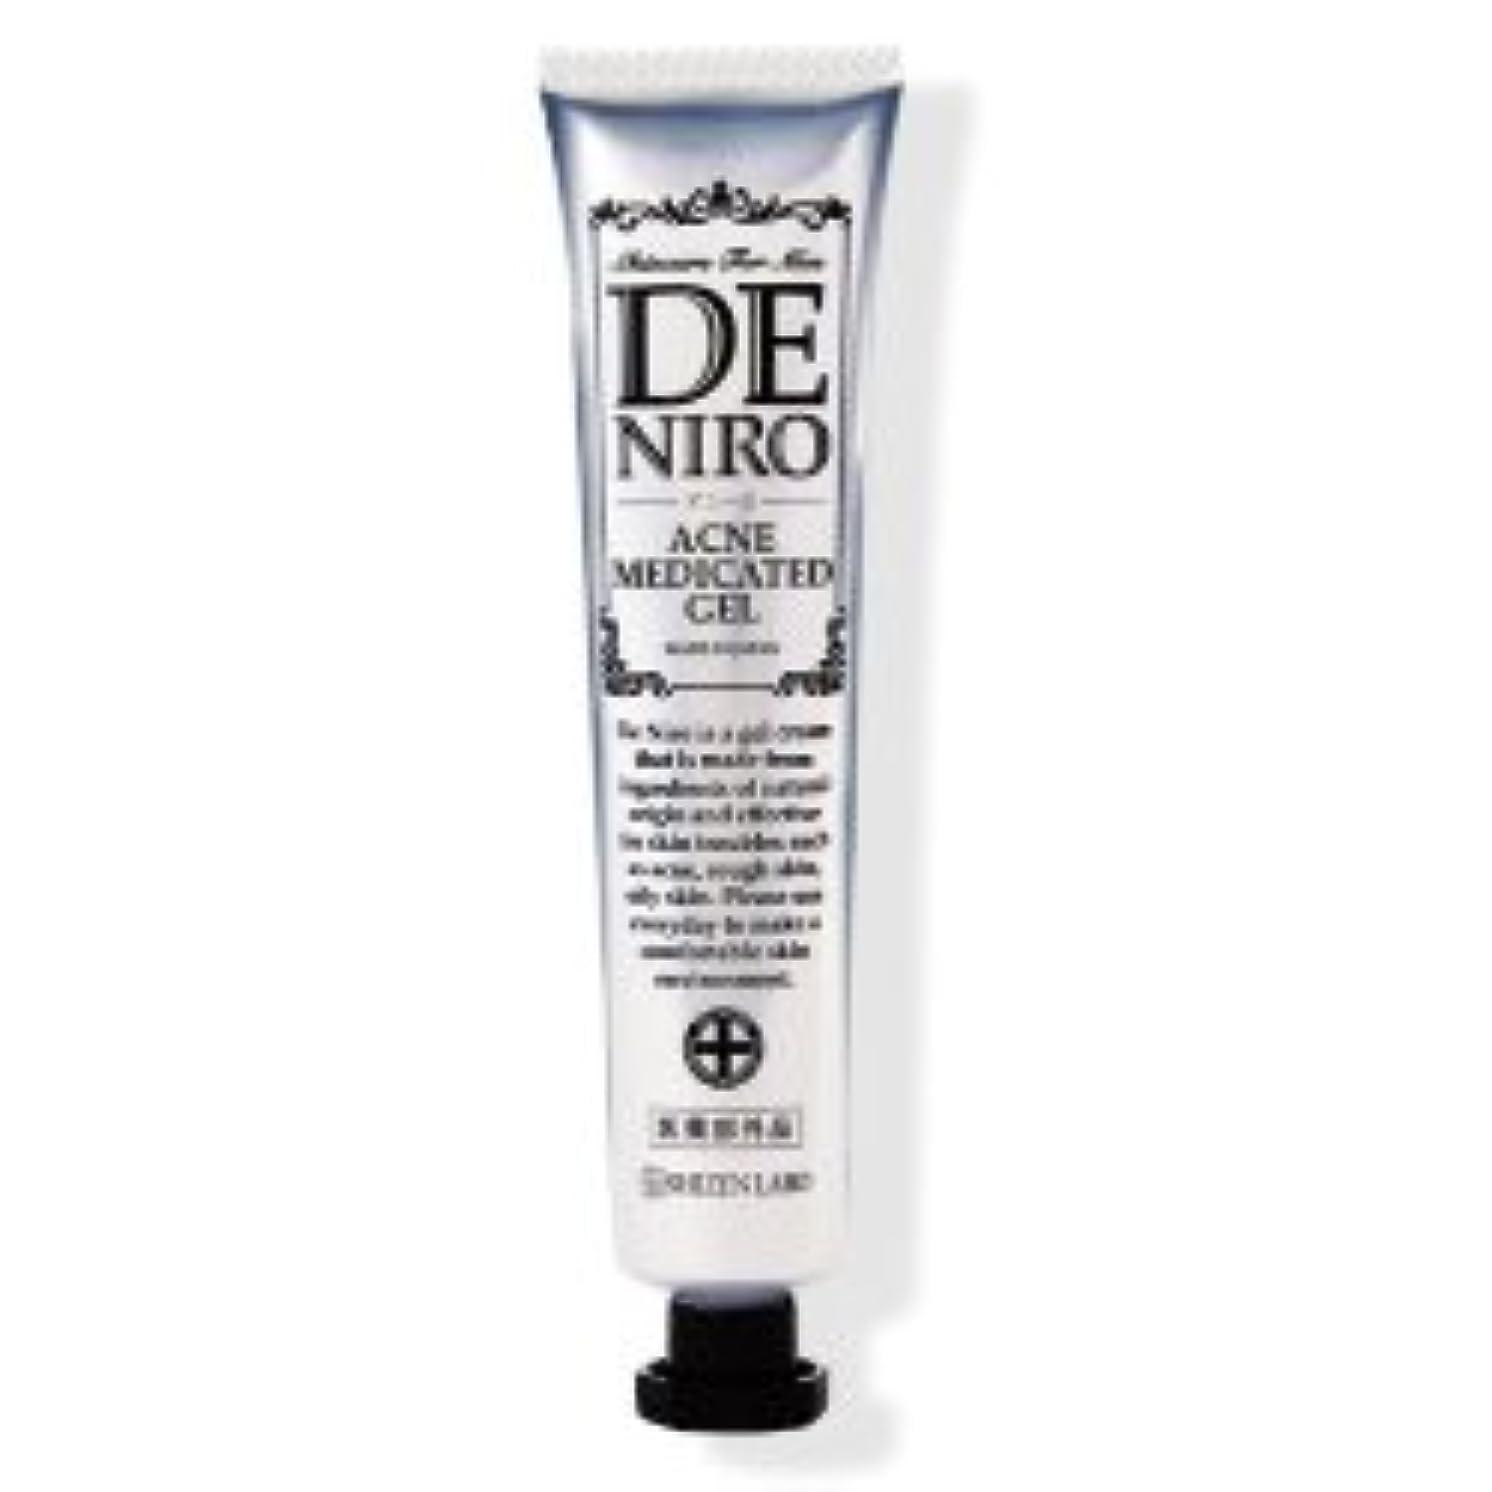 バイアス優雅な思春期のデニーロ 45g (約1ヵ月分)【公式】薬用 DE NIRO 男のニキビ クリーム